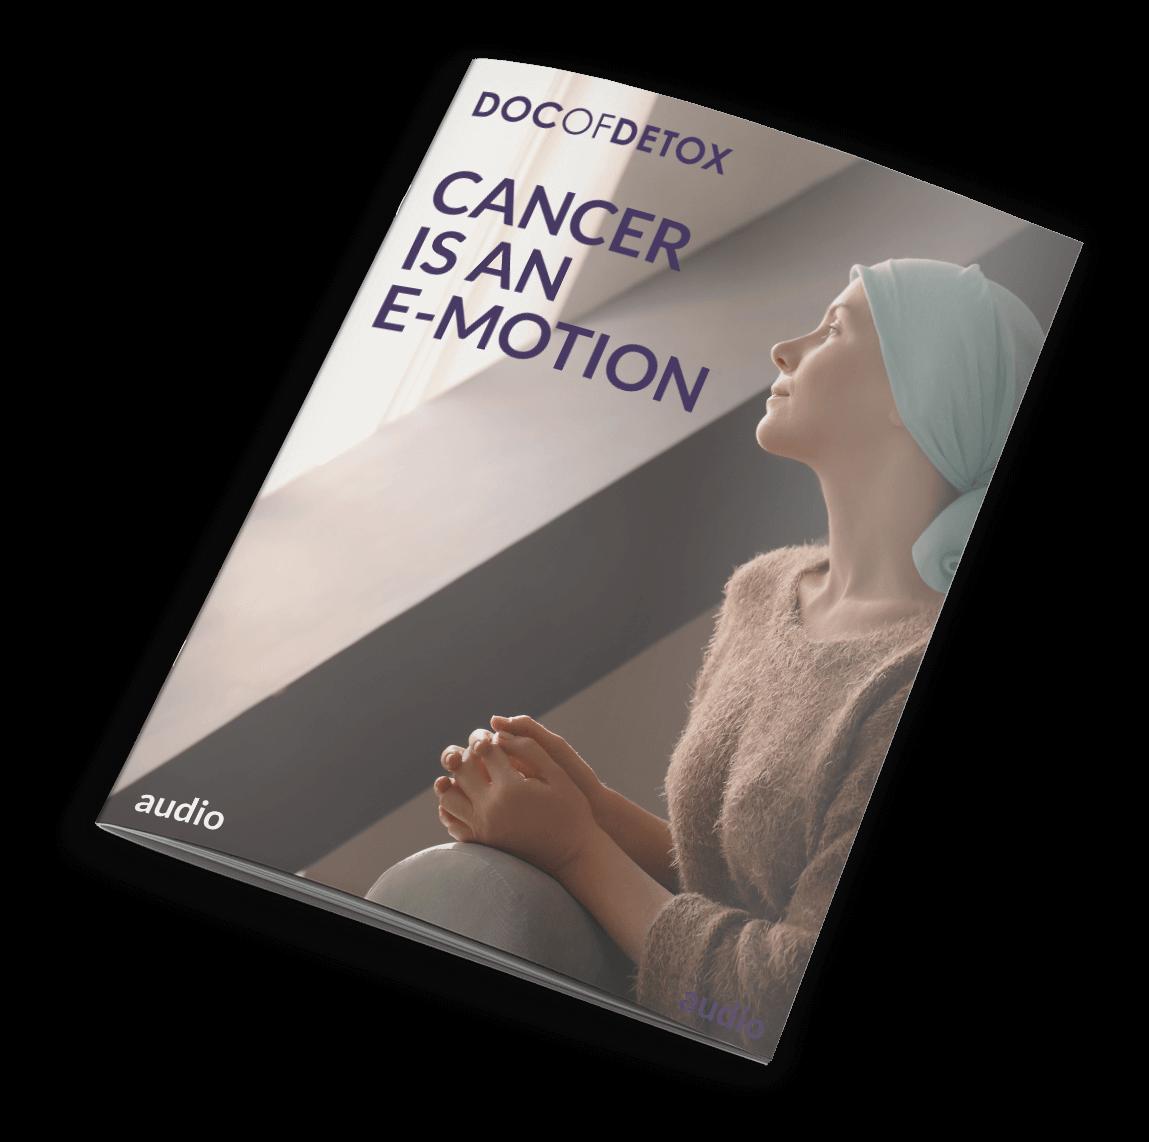 Cancer_Emotion_2.png